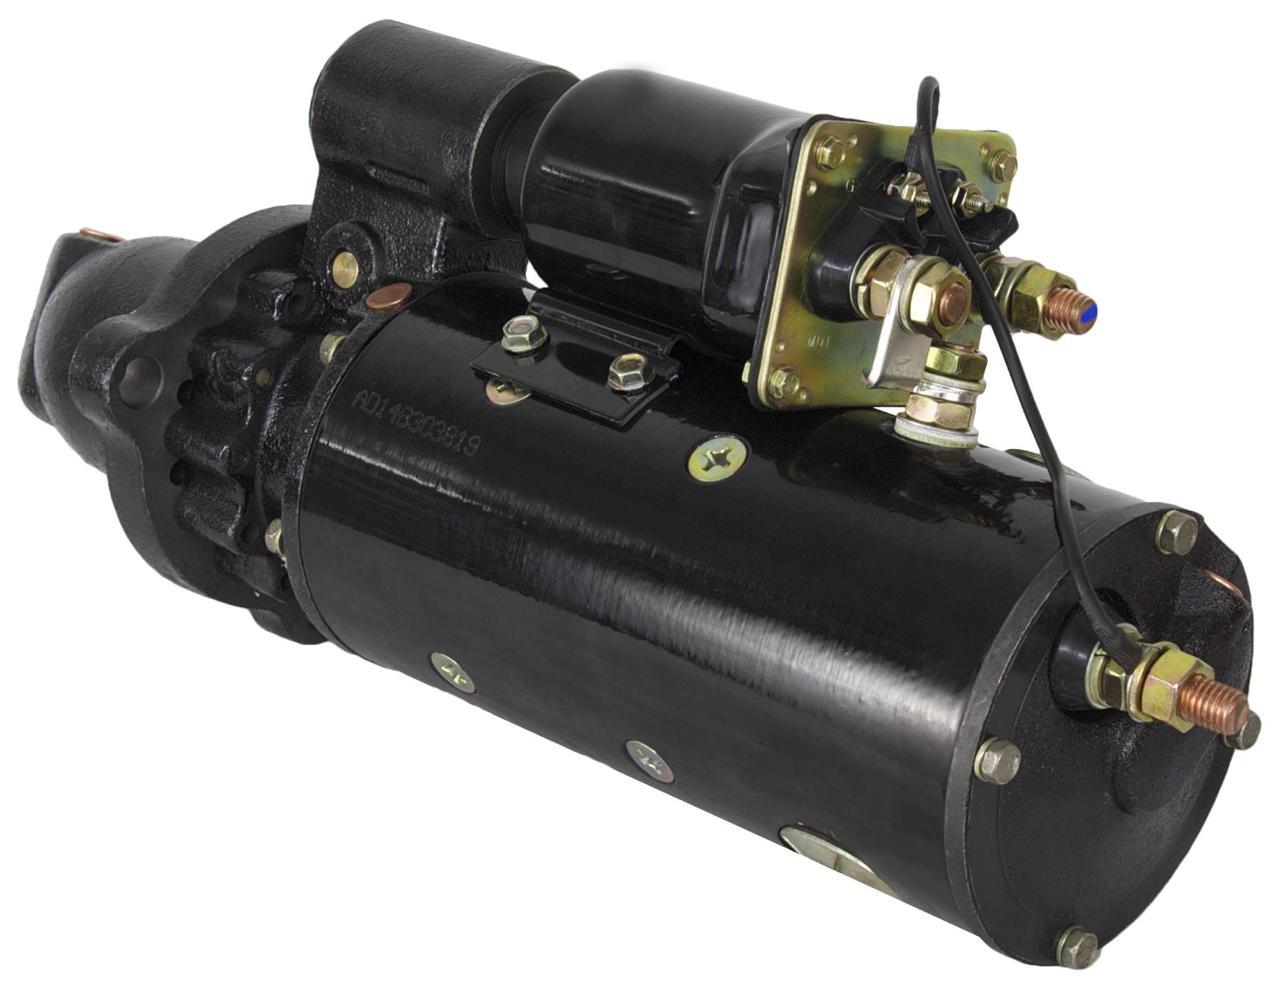 STARTER CATERPILLAR MARINE ENGINE D330 D333 D334 D336 D344